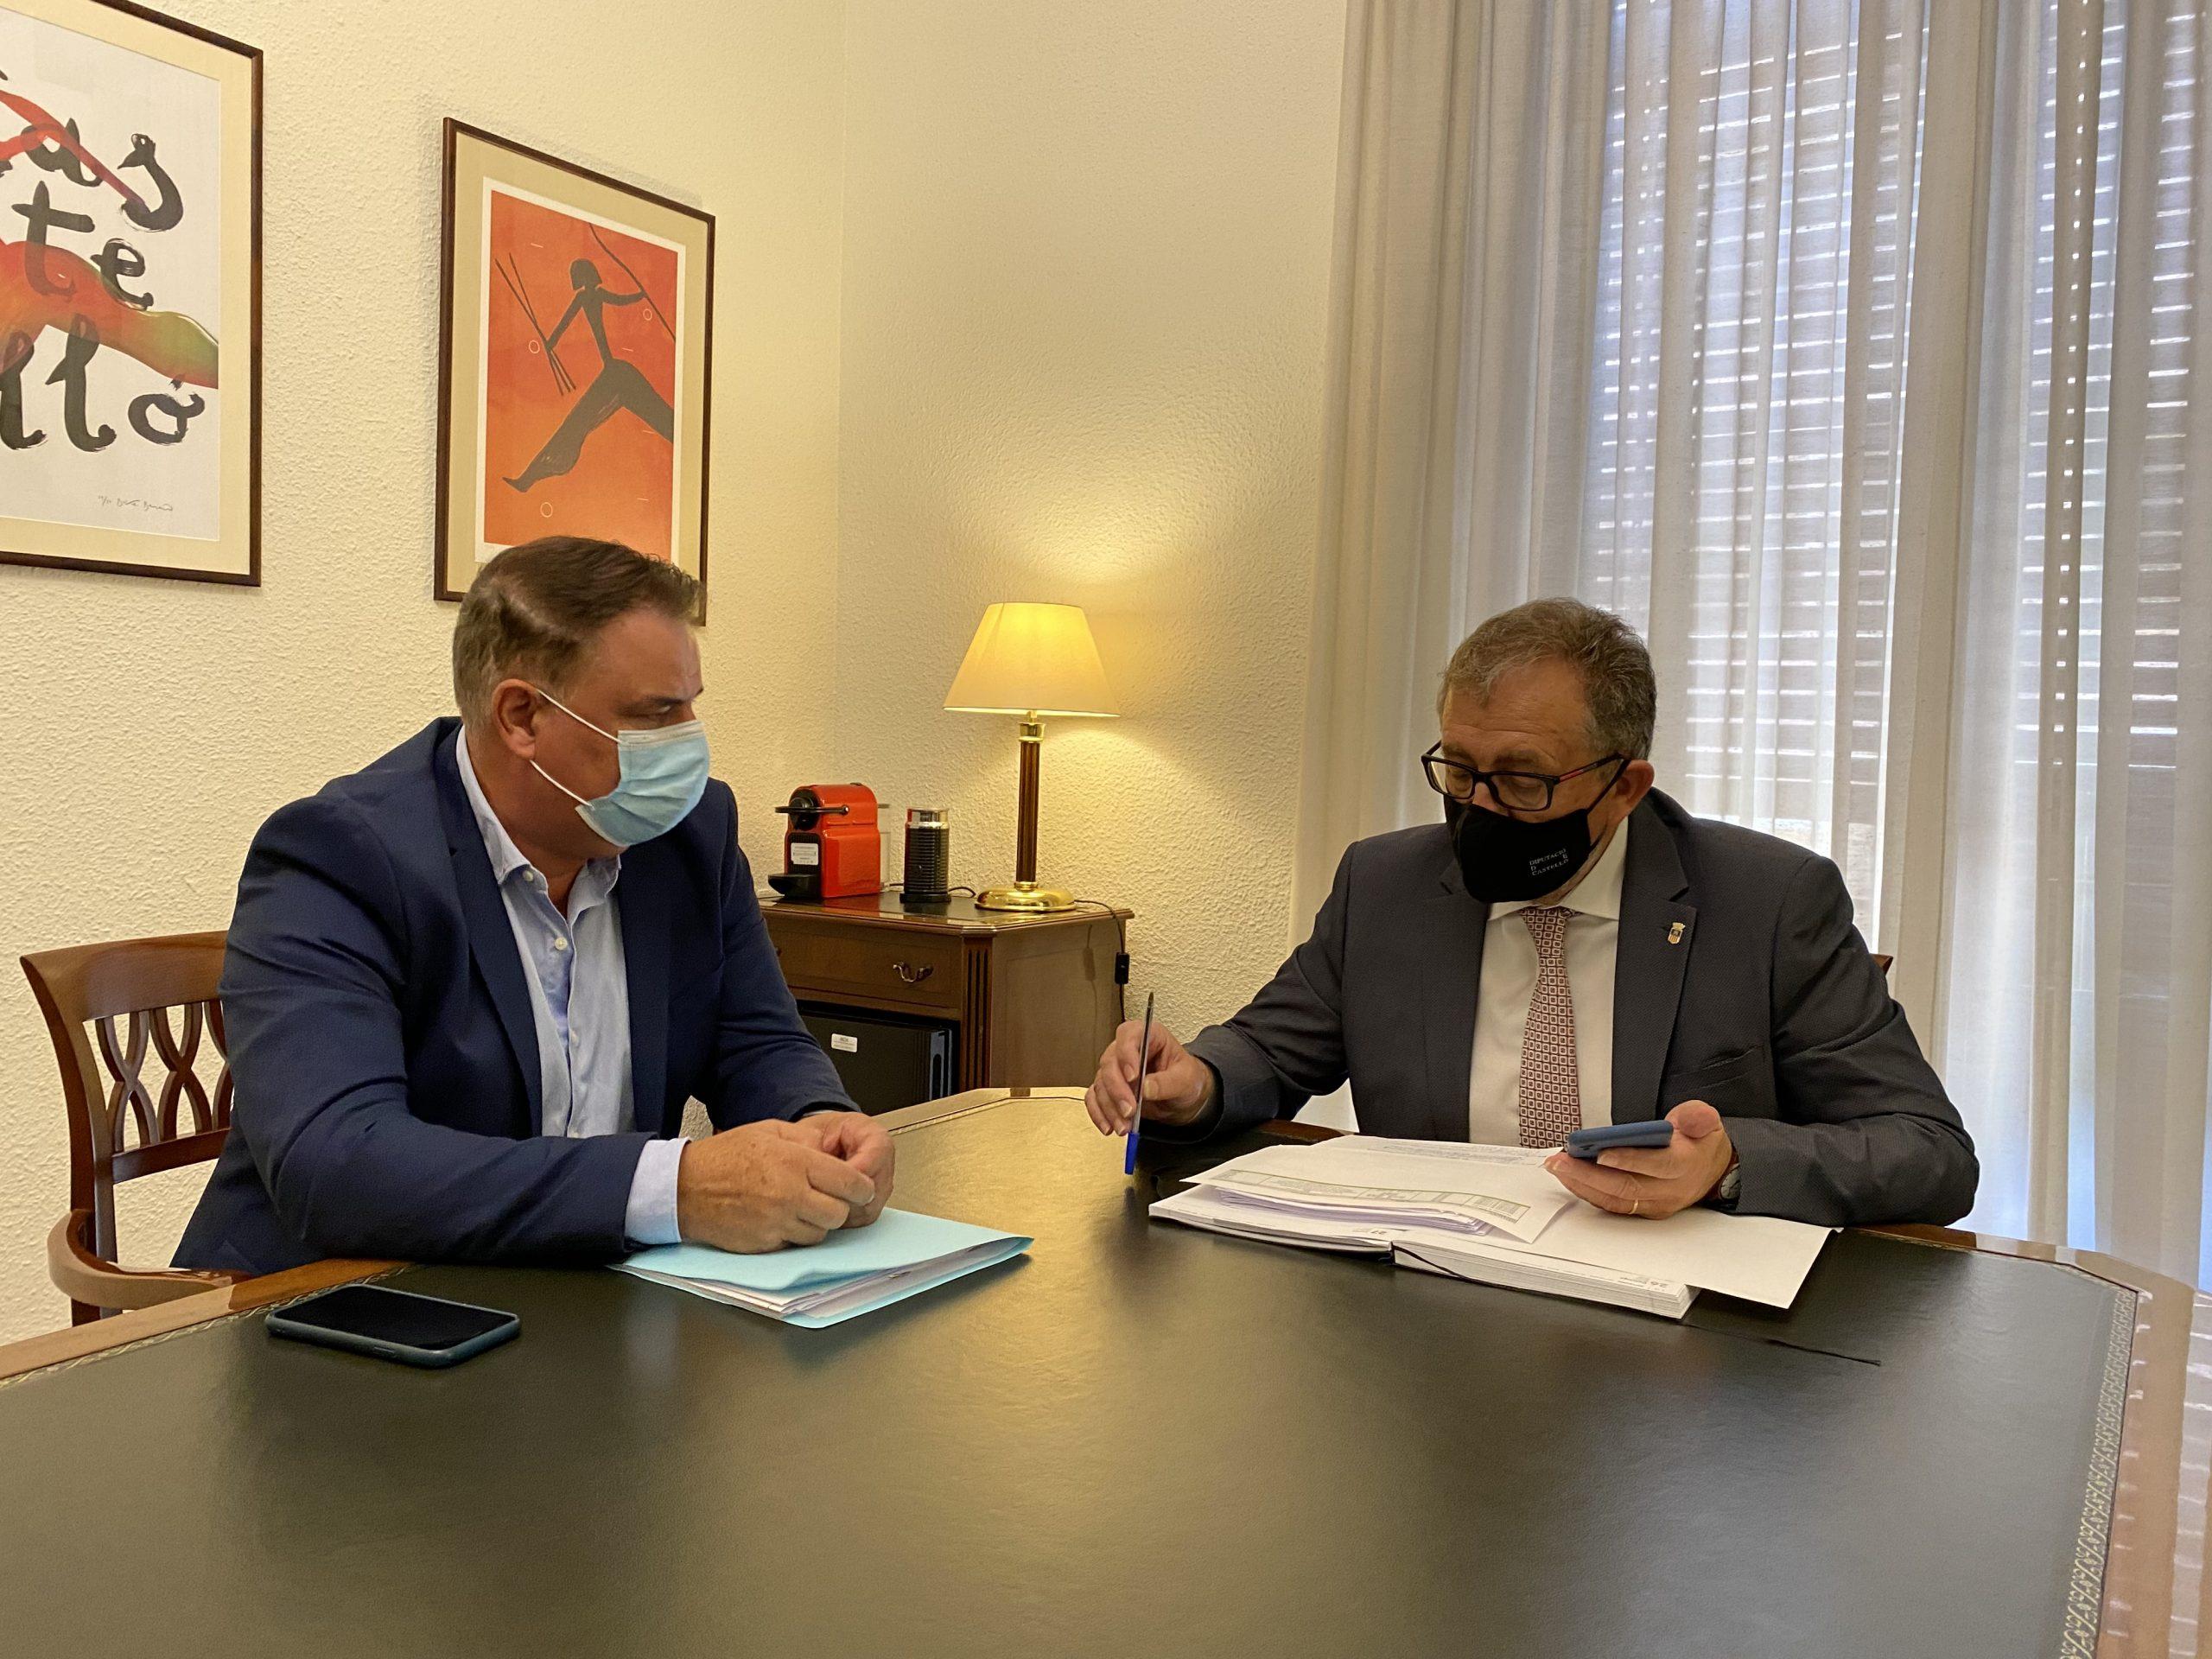 José Martí reitera el apoyo a pueblos pequeños como La Llosa, donde la Diputación ha duplicado este año la inversión respecto a 2019